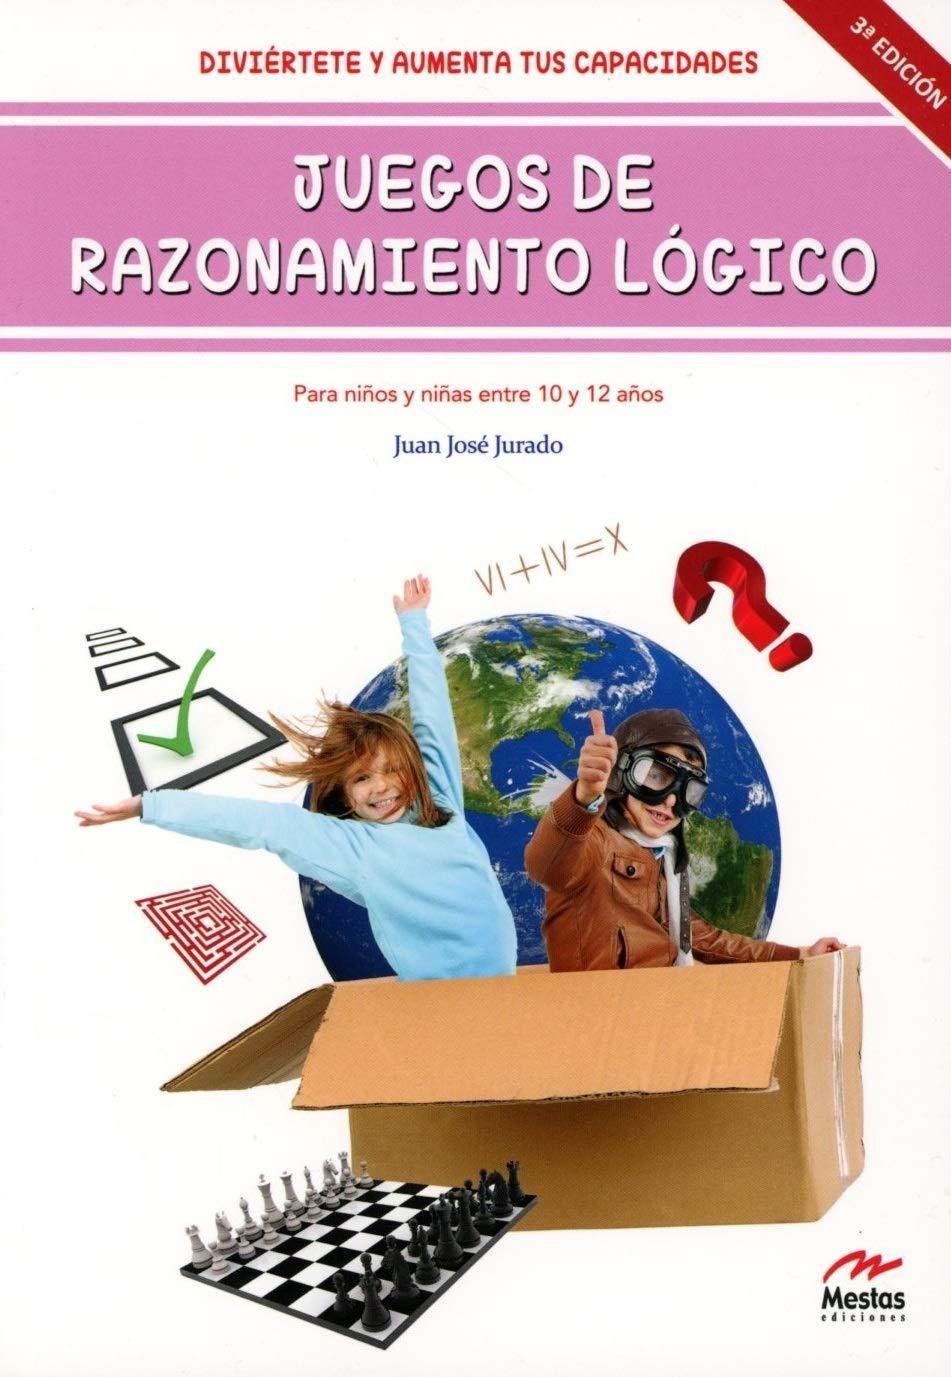 Juegos de Razonamiento Lógico II de 10 a 12 años Desarrolla Tu Ingenio: Amazon.es: J.J. Jurado: Libros